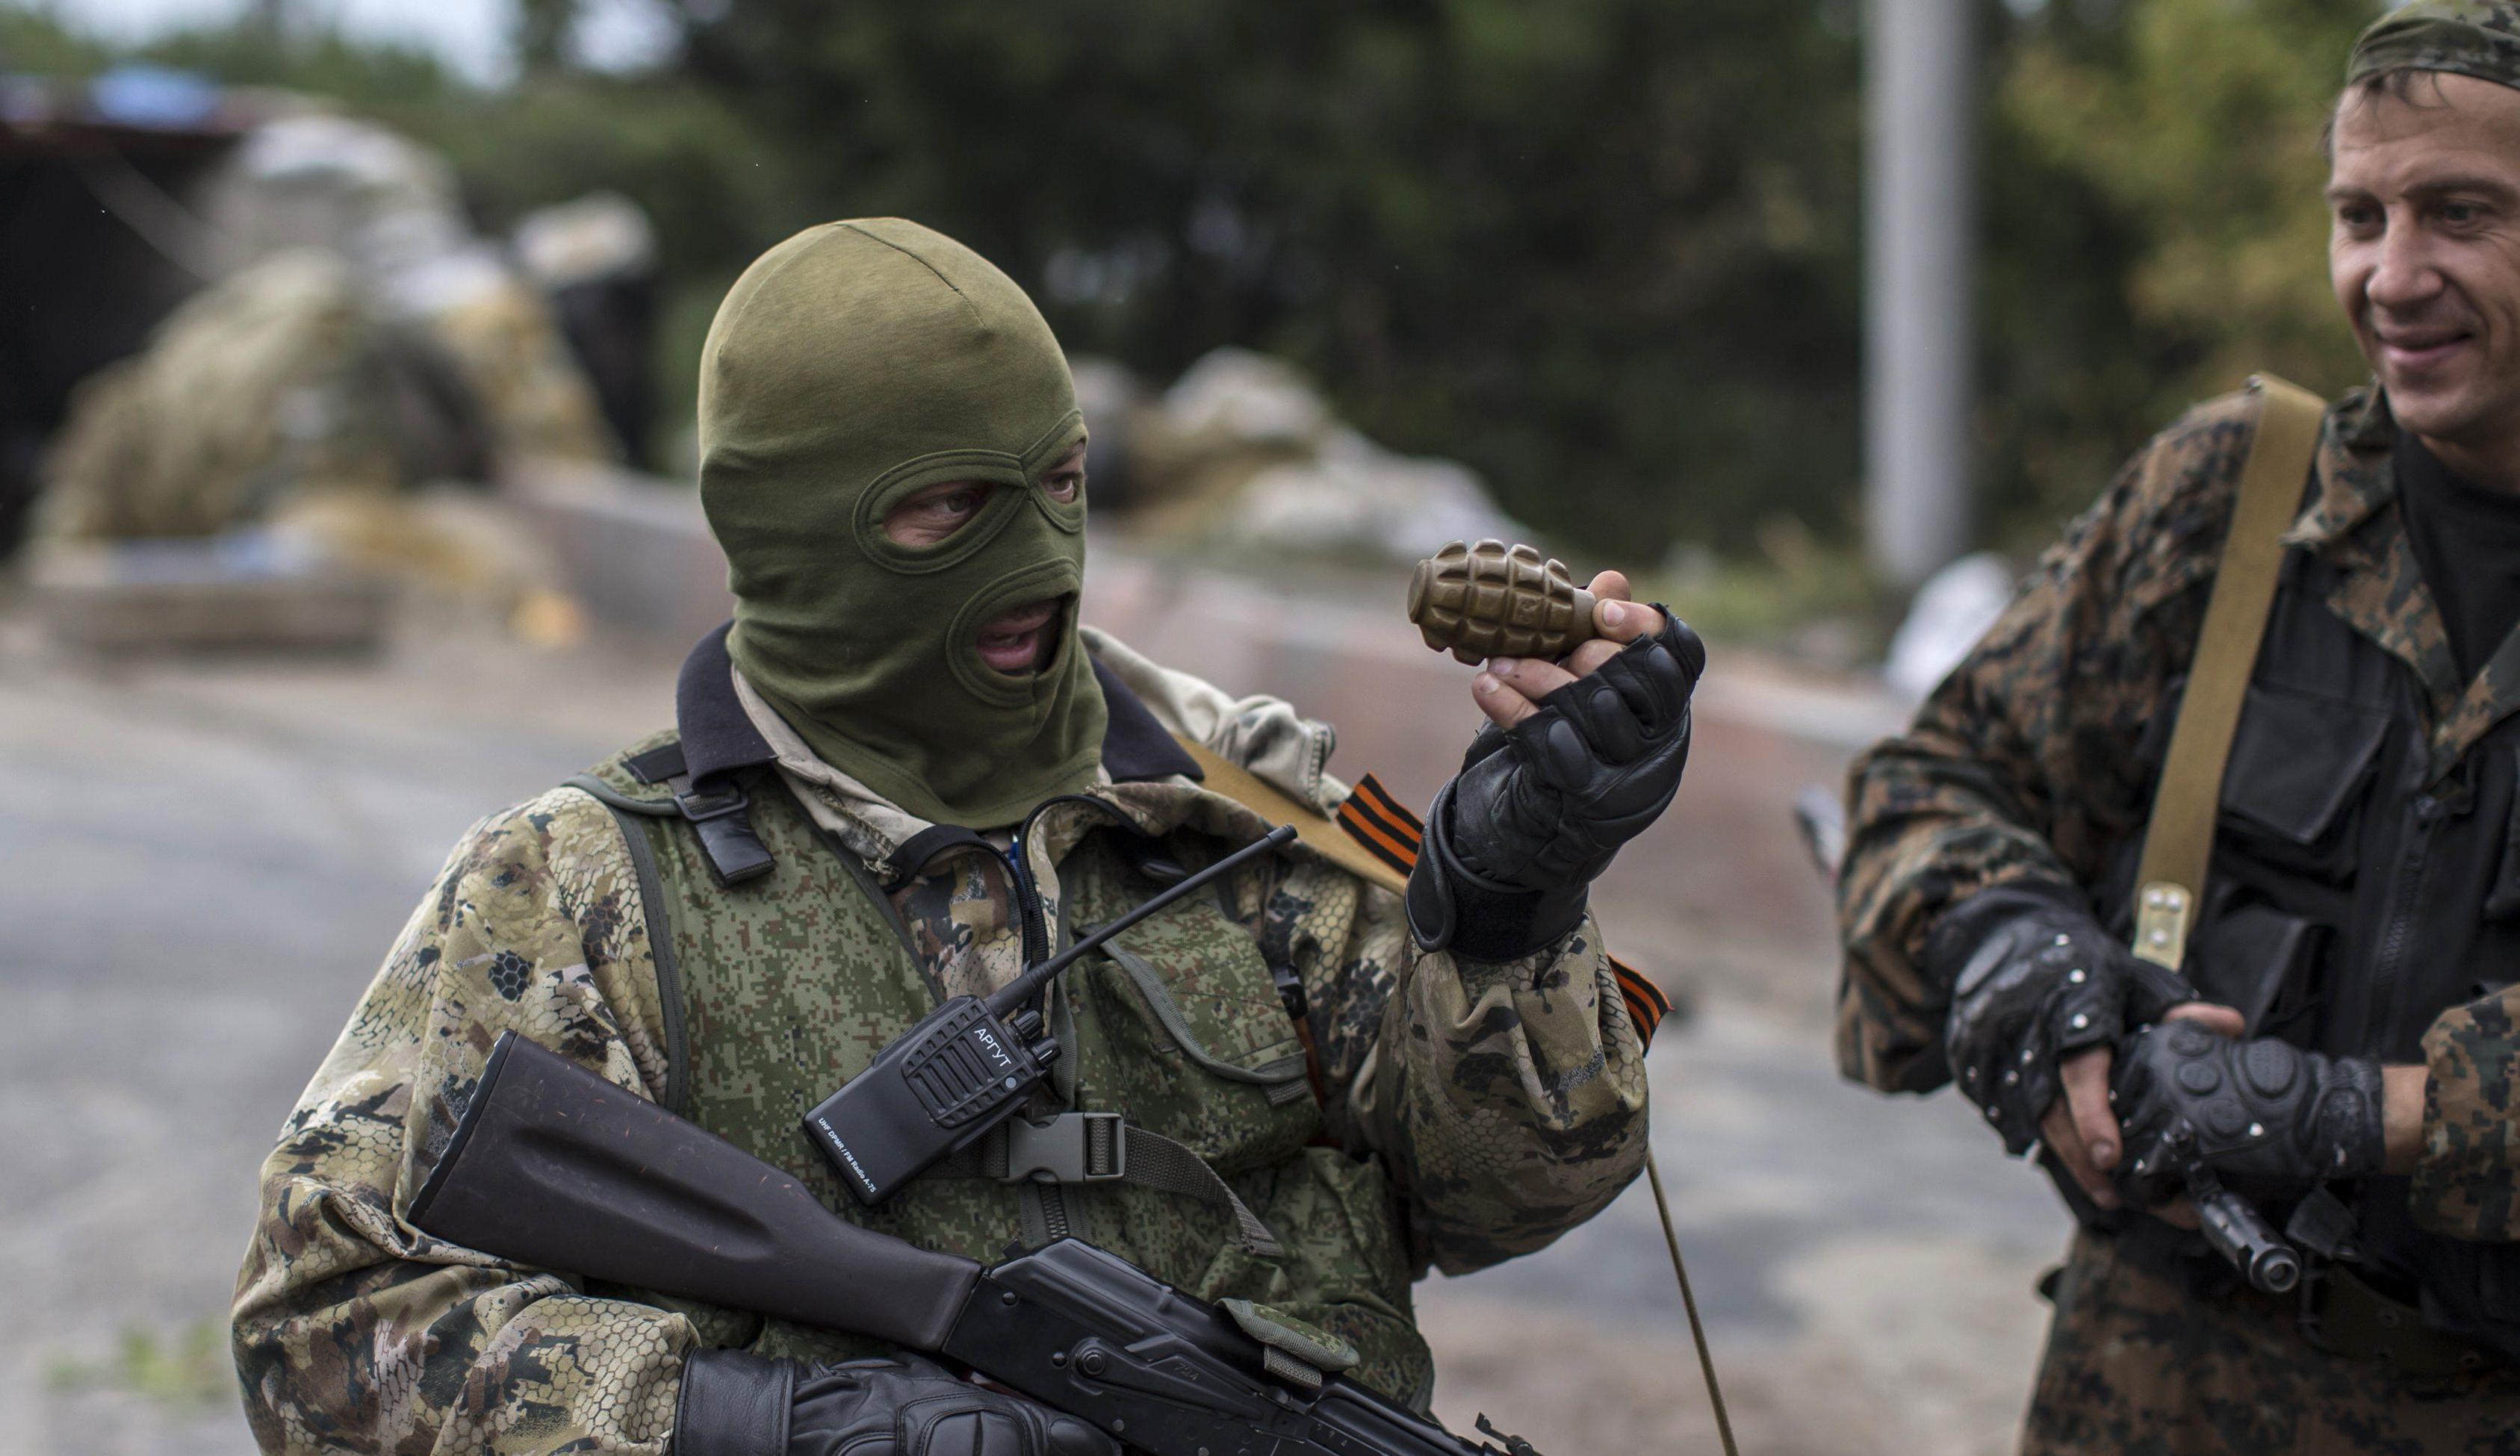 """Сепаратисты """"ЛНР"""" нагло закладывали противотанковые мины на блокпосту вблизи Первомайска на глазах у наблюдателей ОБСЕ"""